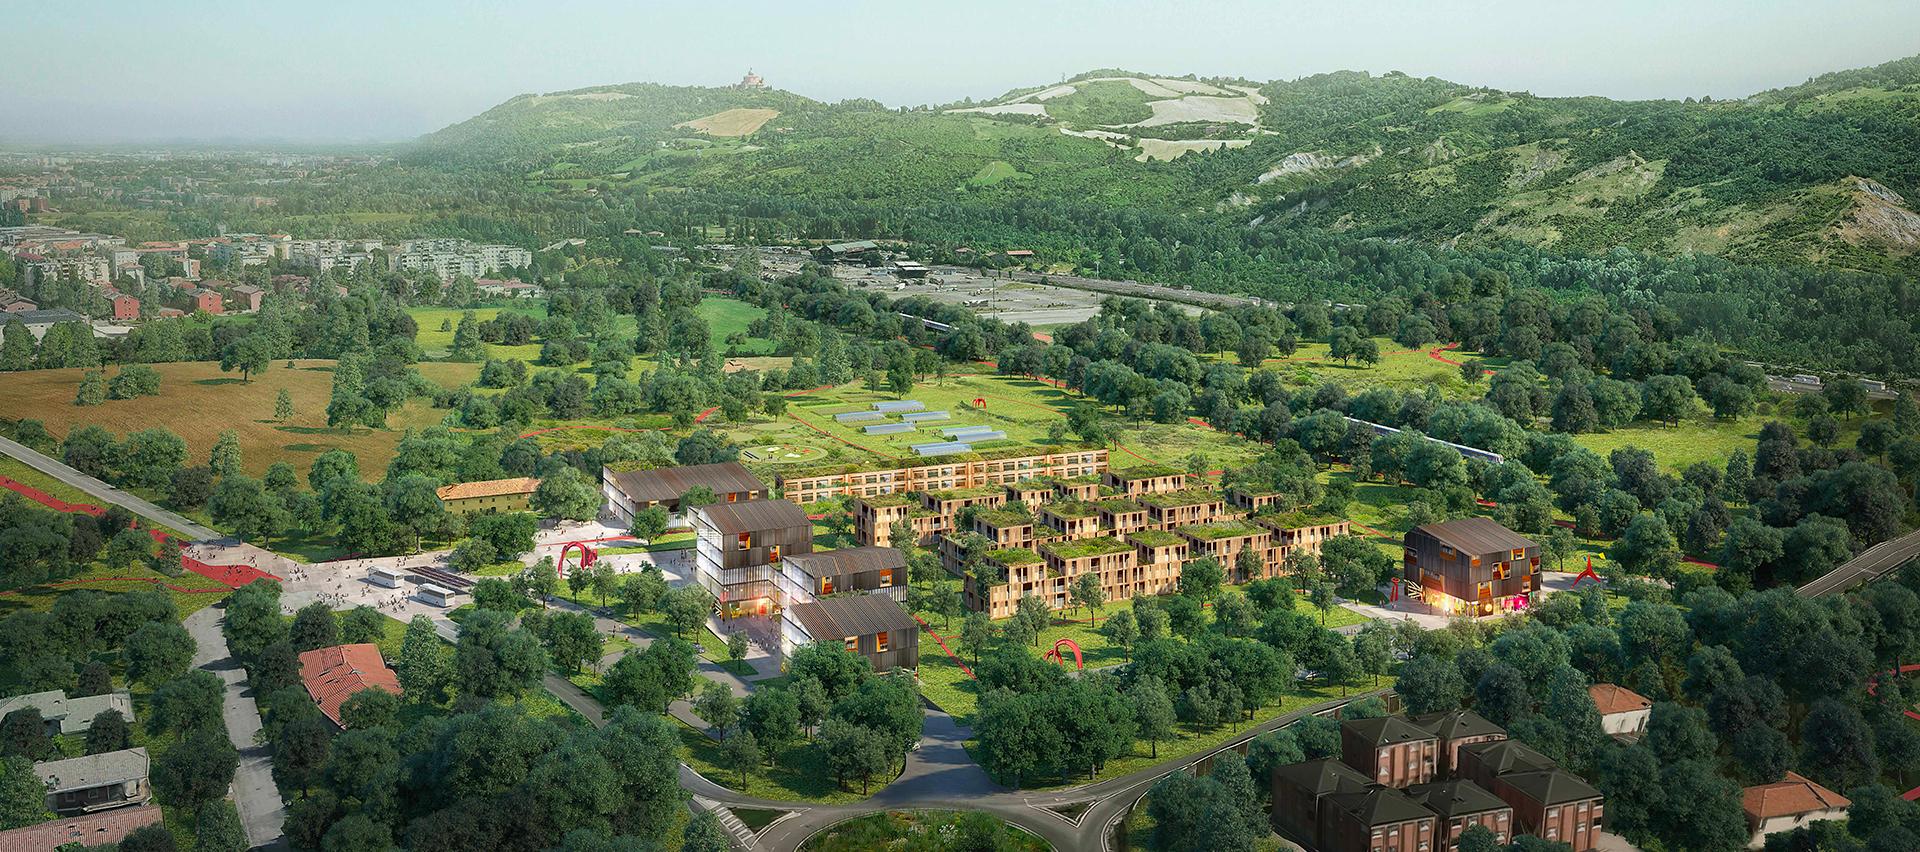 Il progetto per l'area industriale dismessa ex Alfa Wassermann a Borgonuovo - Sasso Marconi